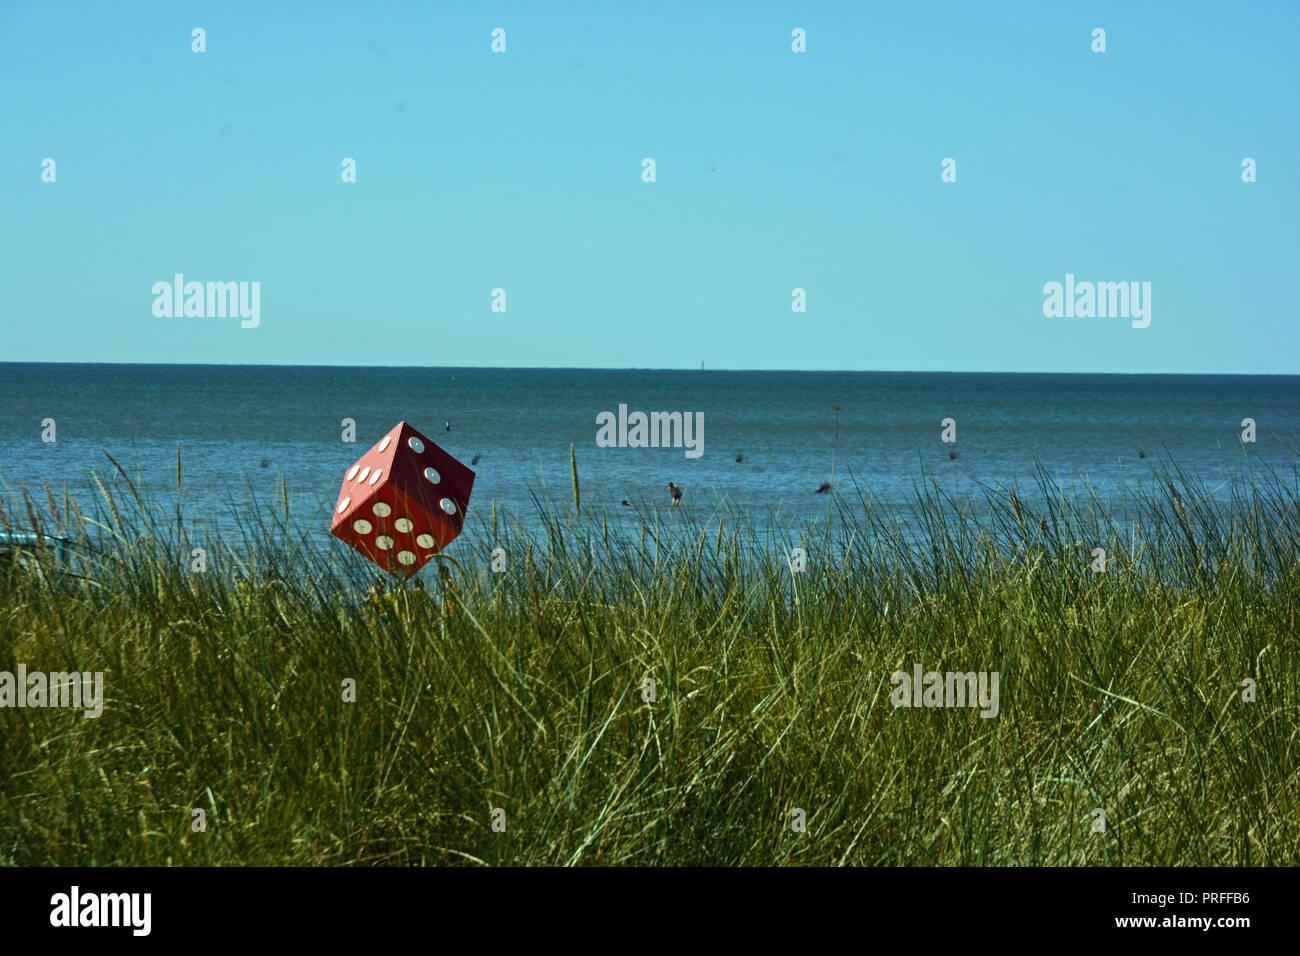 Würfel    Meer    Himmel    Gras    Wasser - Stock Image